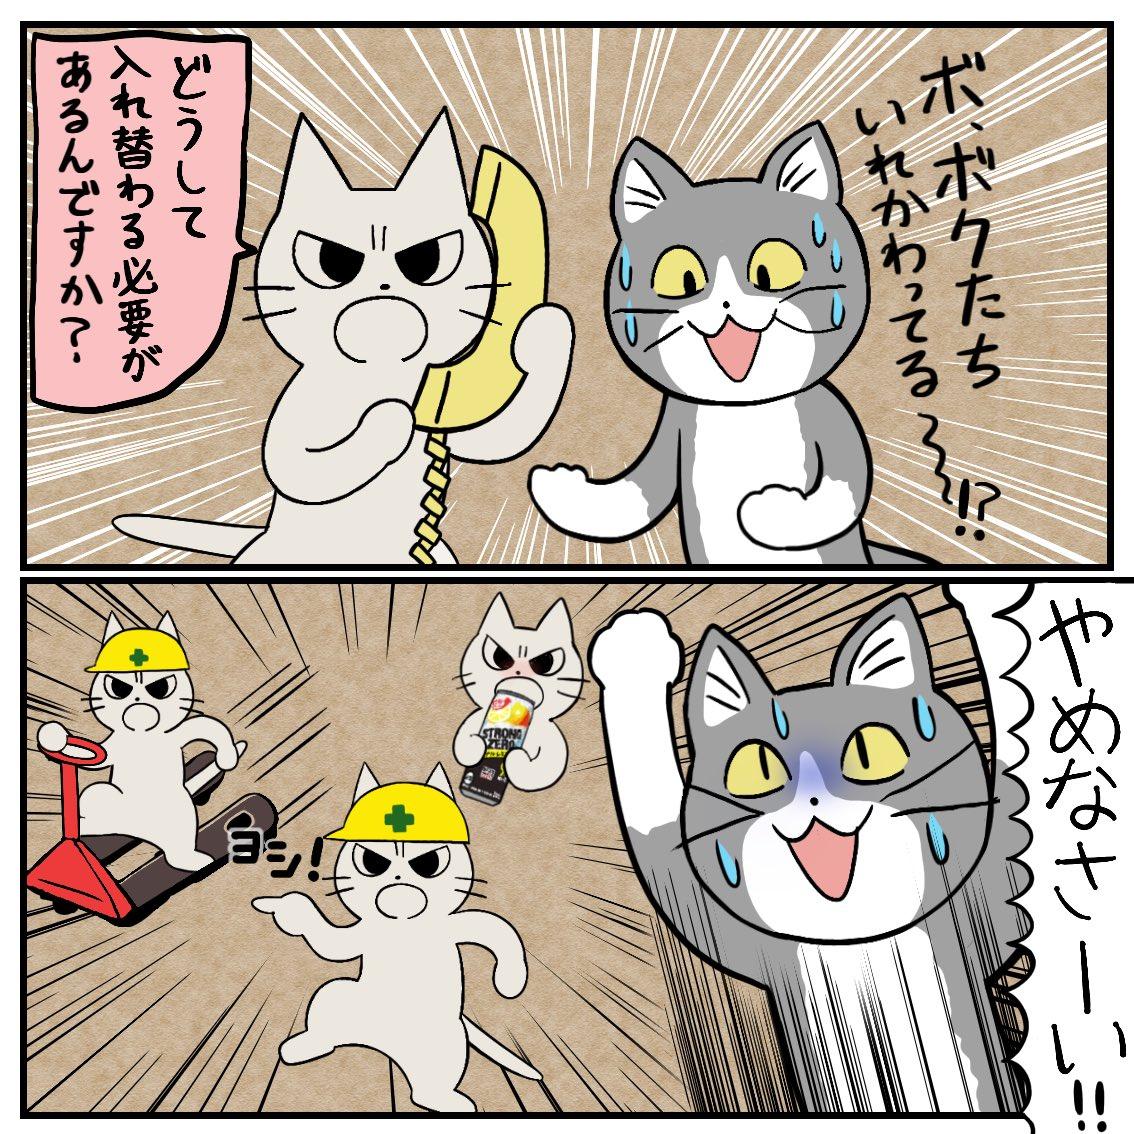 入れ替わった猫